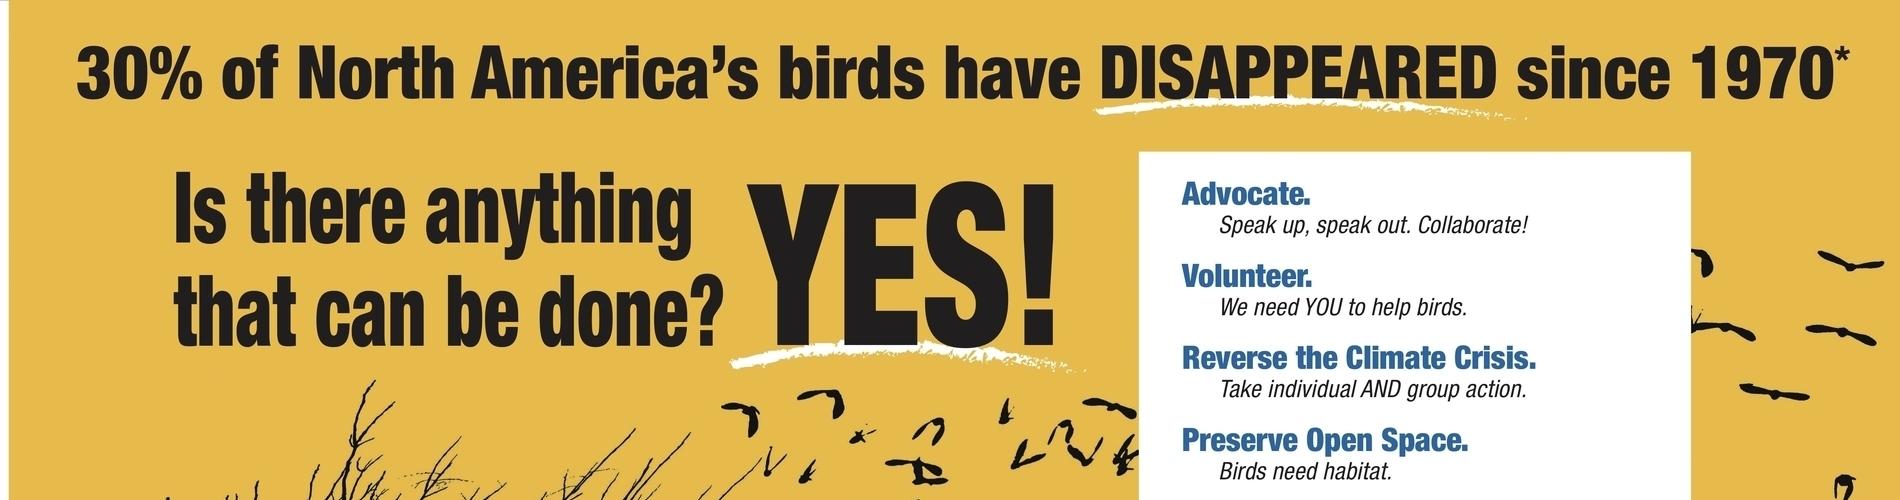 savingbirdsposter_36x24-final-banner